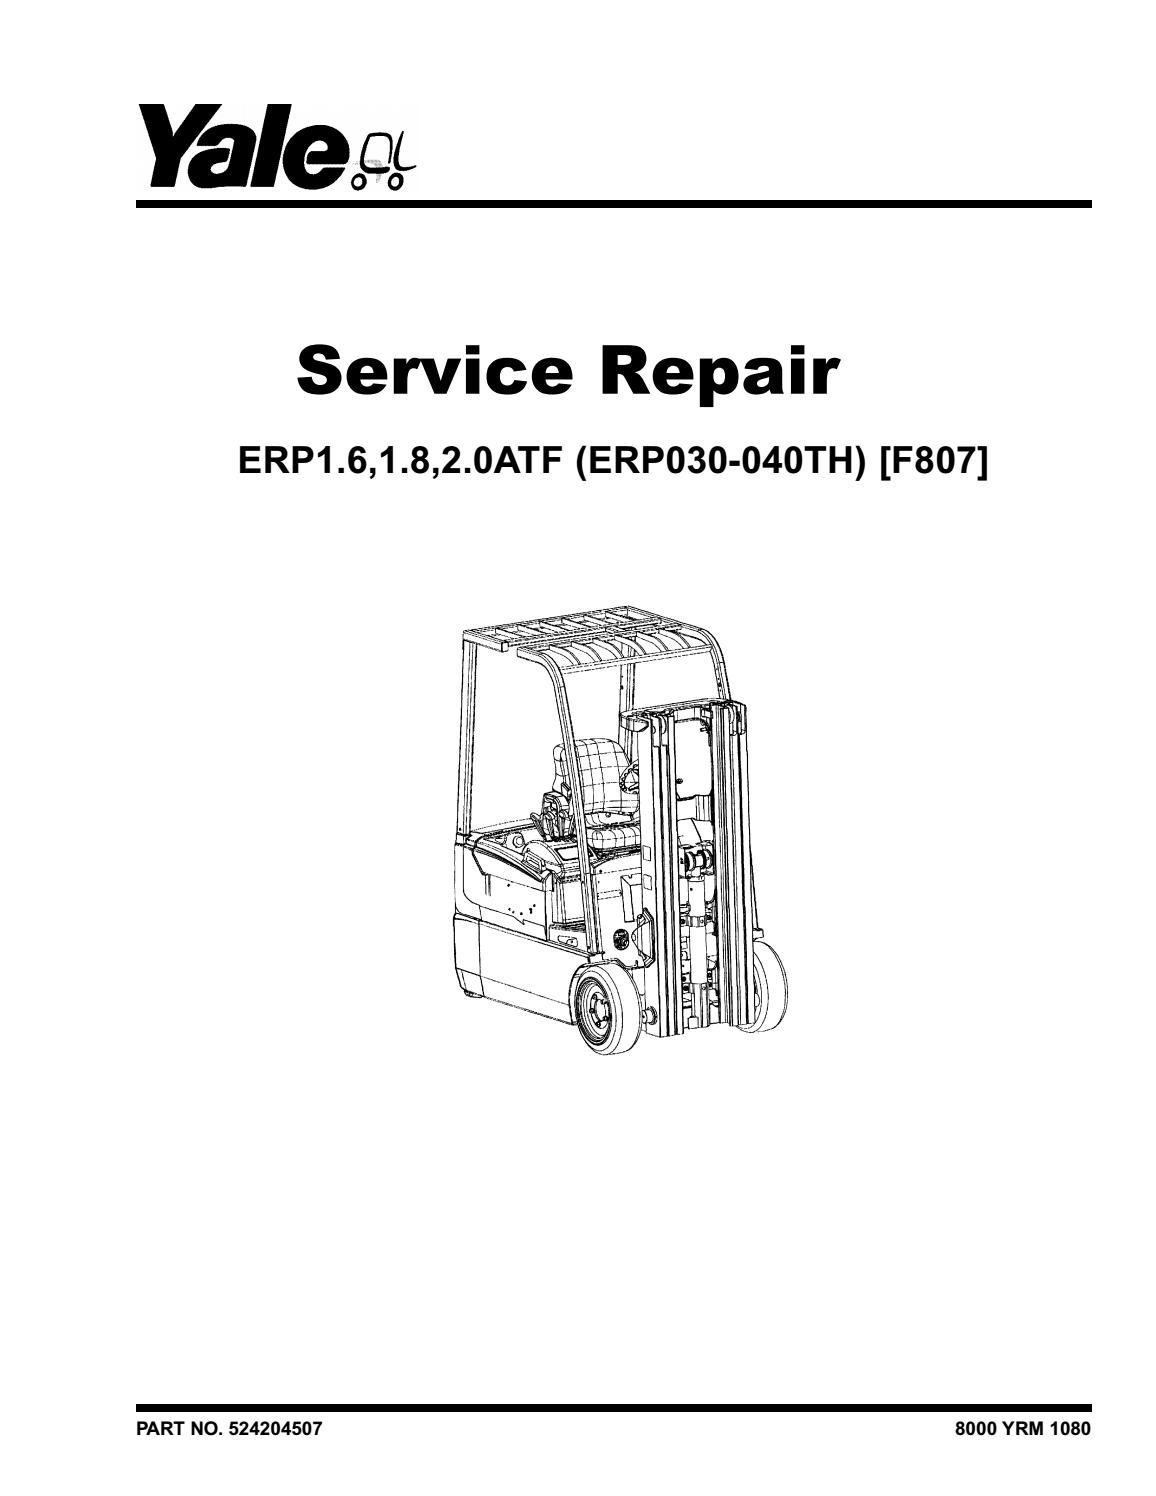 YALE (F807) ERP1 6ATF Europe LIFT TRUCK Service Repair